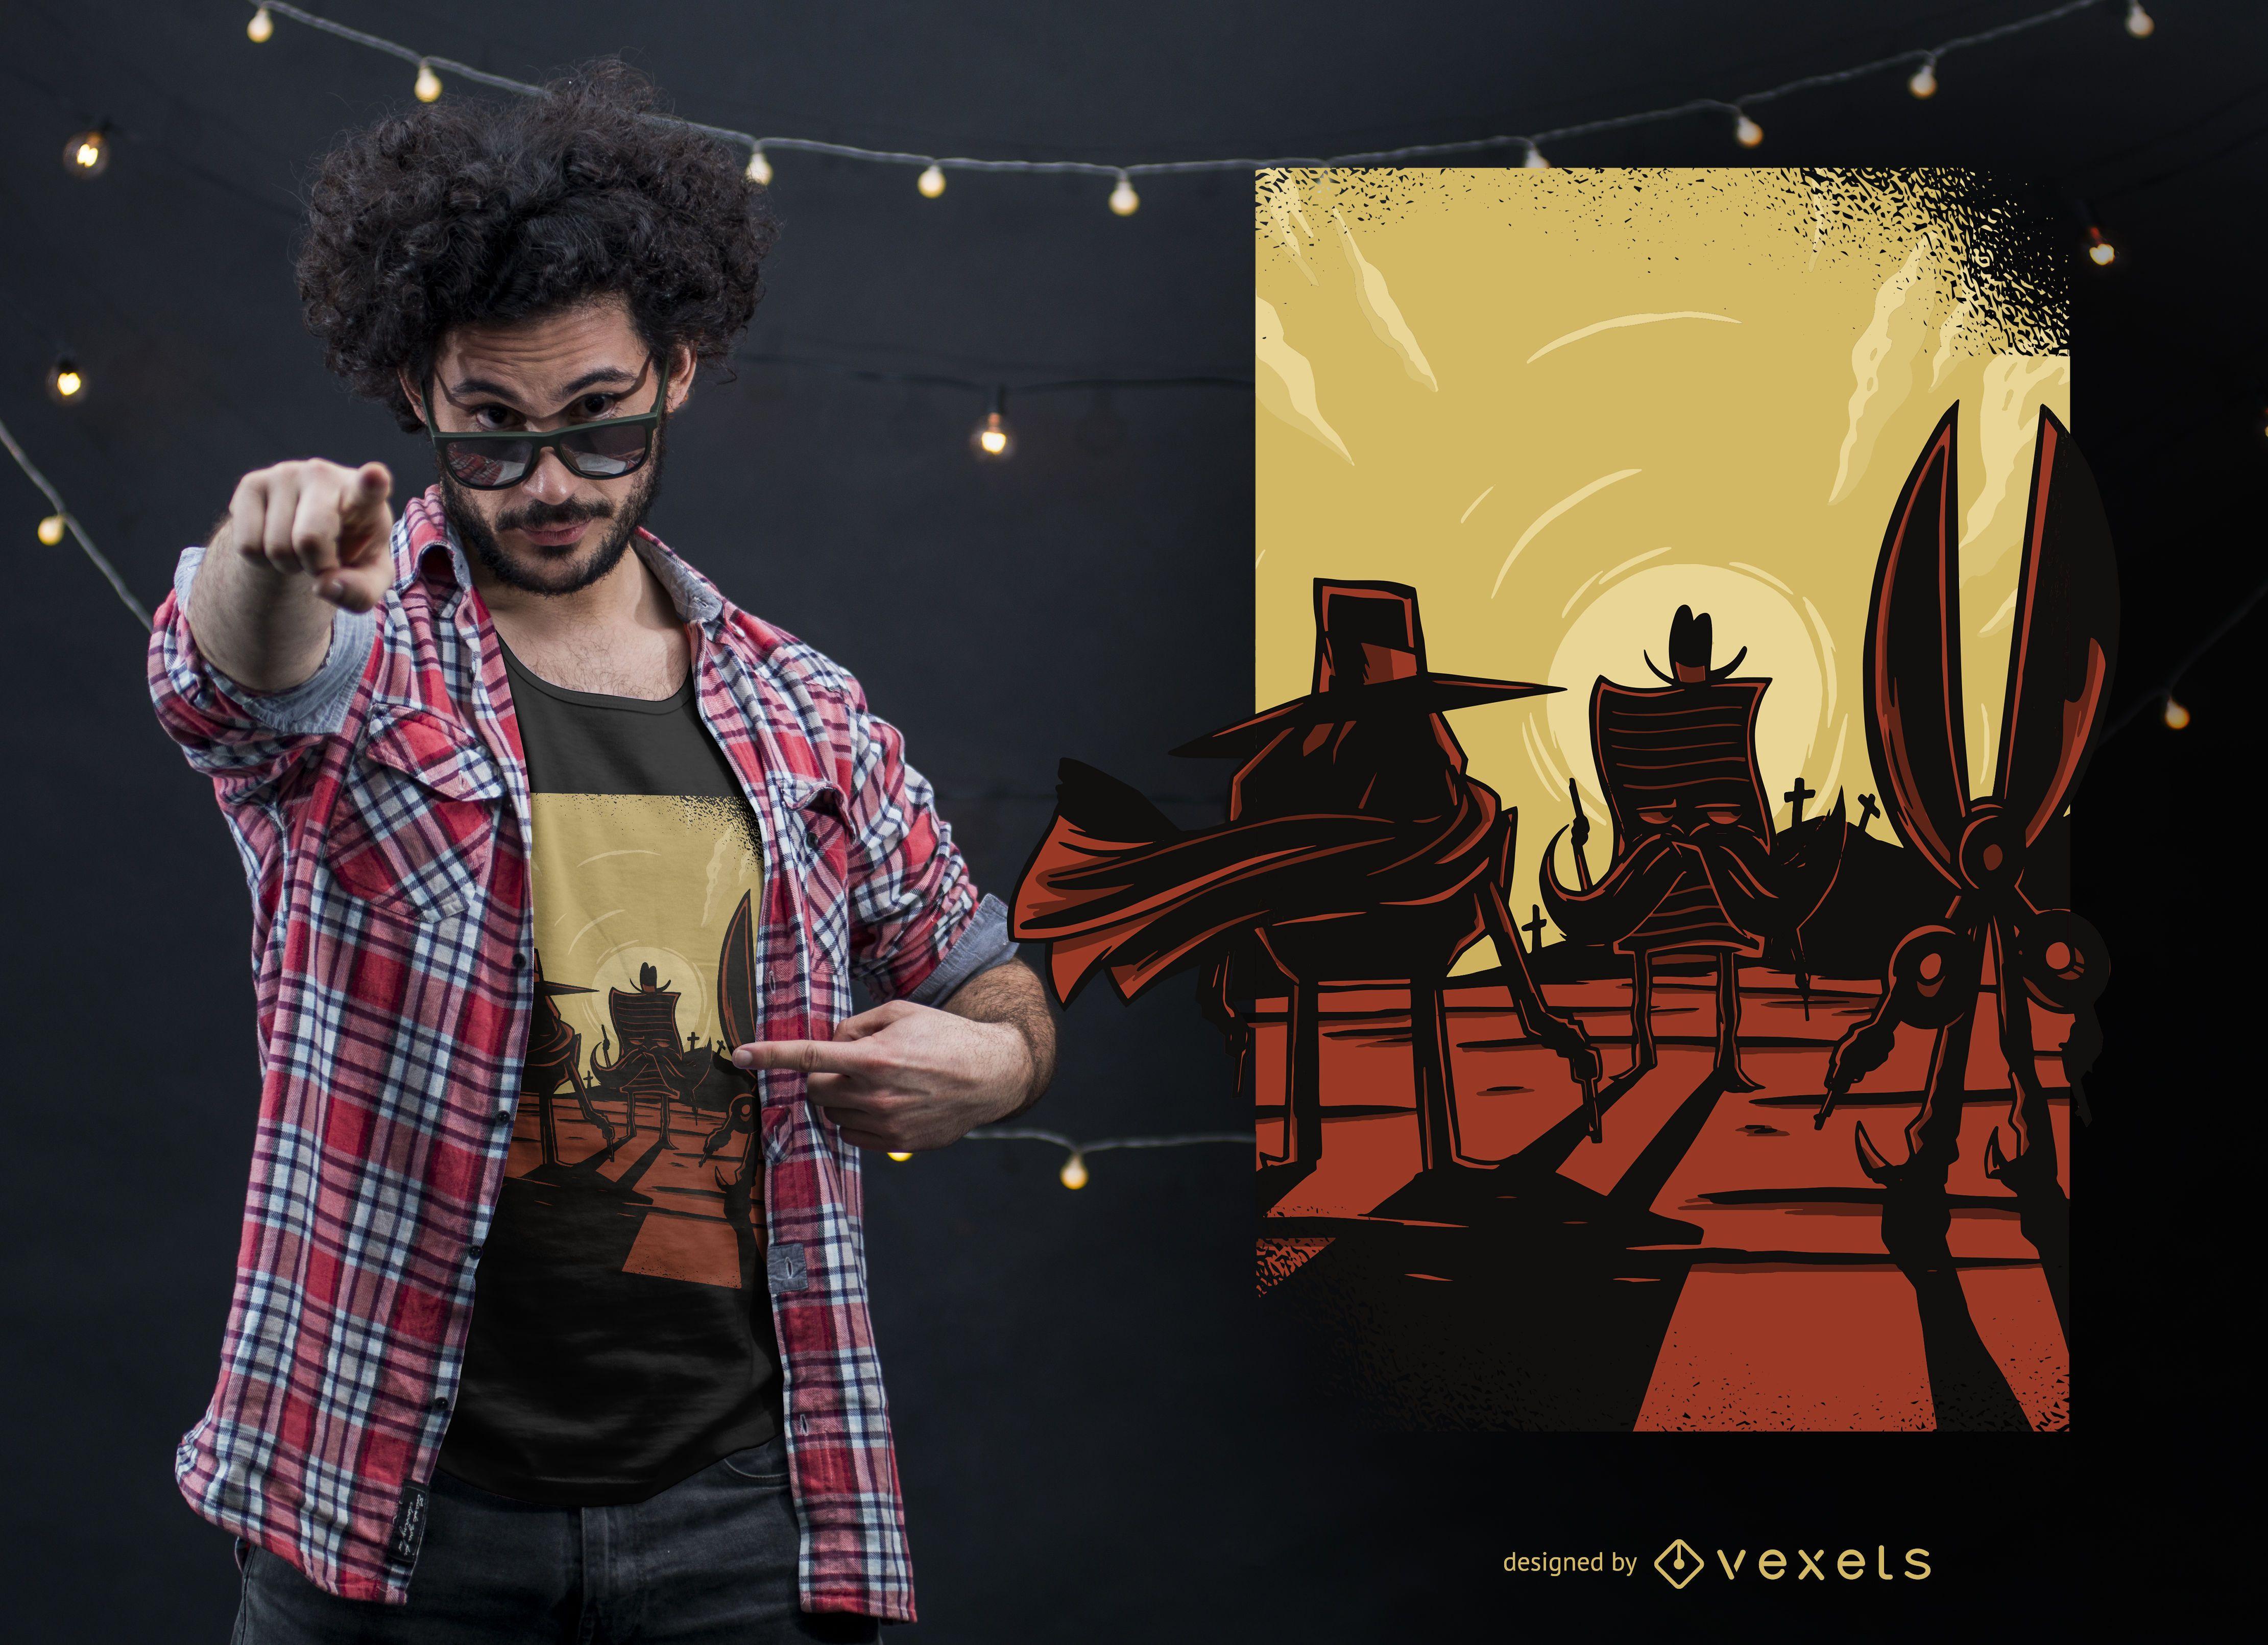 Diseño de camiseta divertida de Rock Papers Scissors